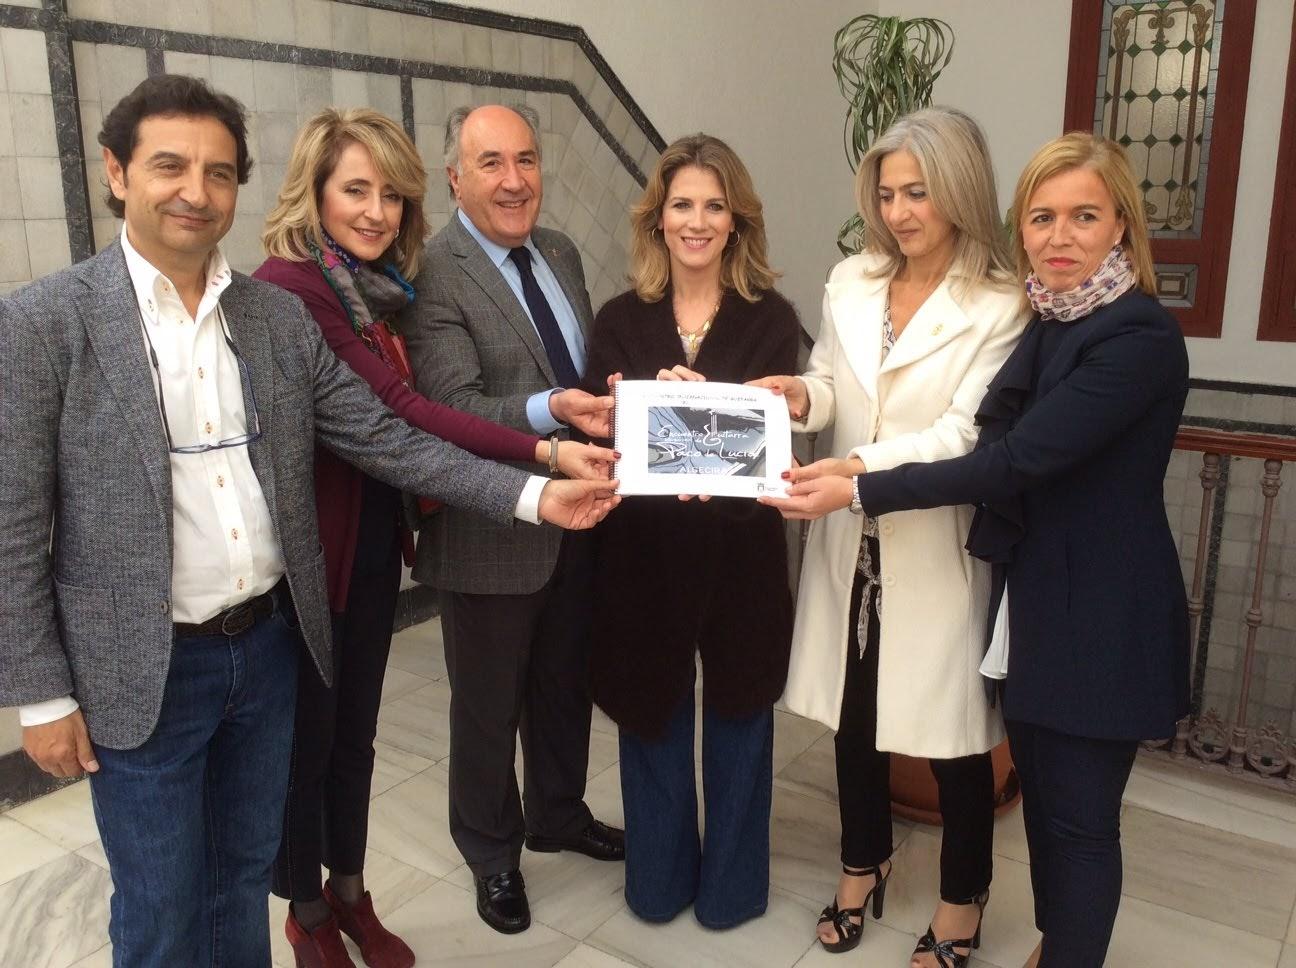 La consejera de Cultura de la Junta de Andalucía visita oficialmente el Ayuntamiento